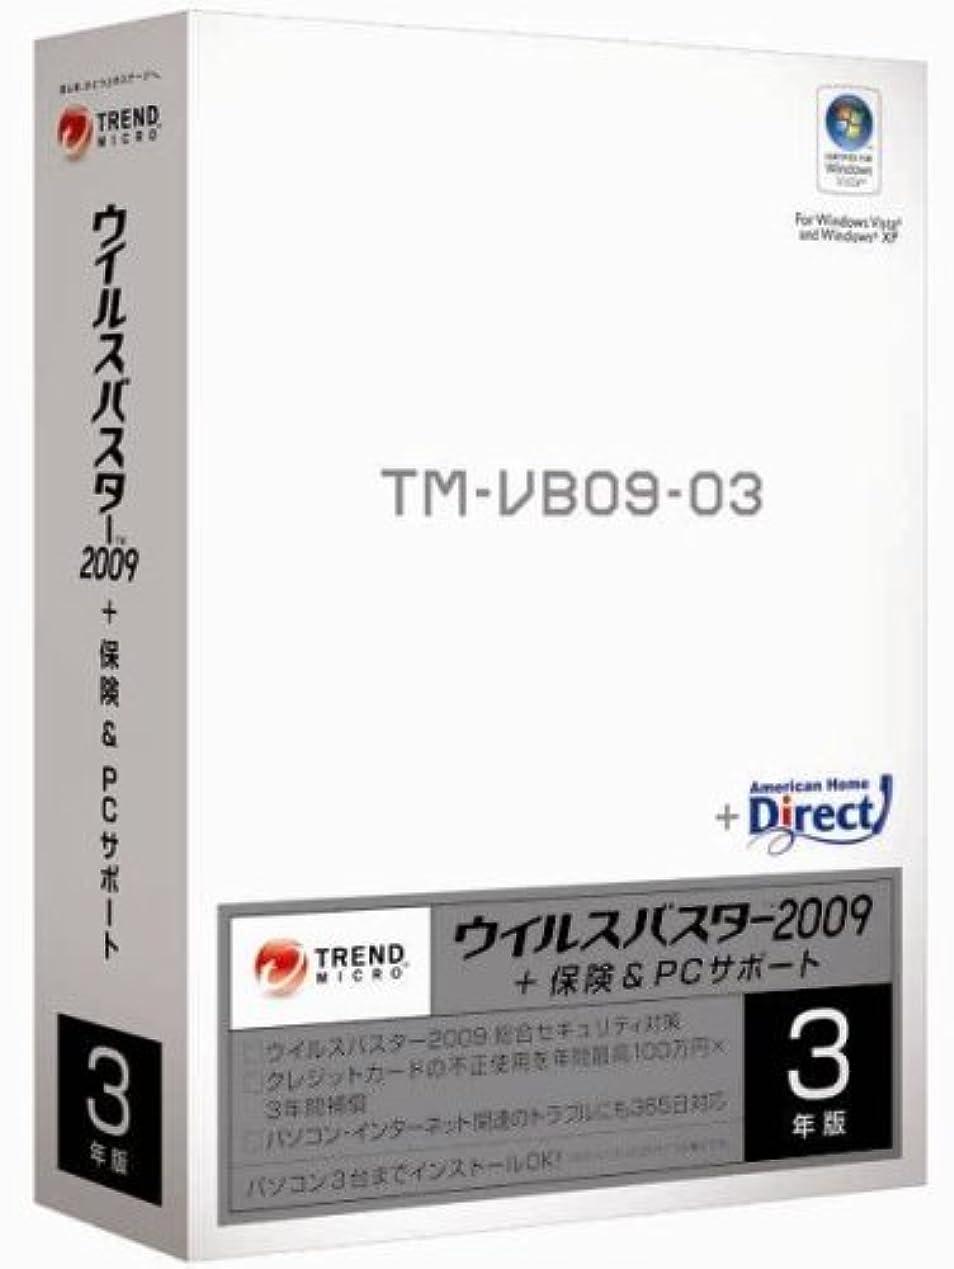 ポップ聖なる泥棒ウイルスバスター2009+保険&PCサポート 3年版